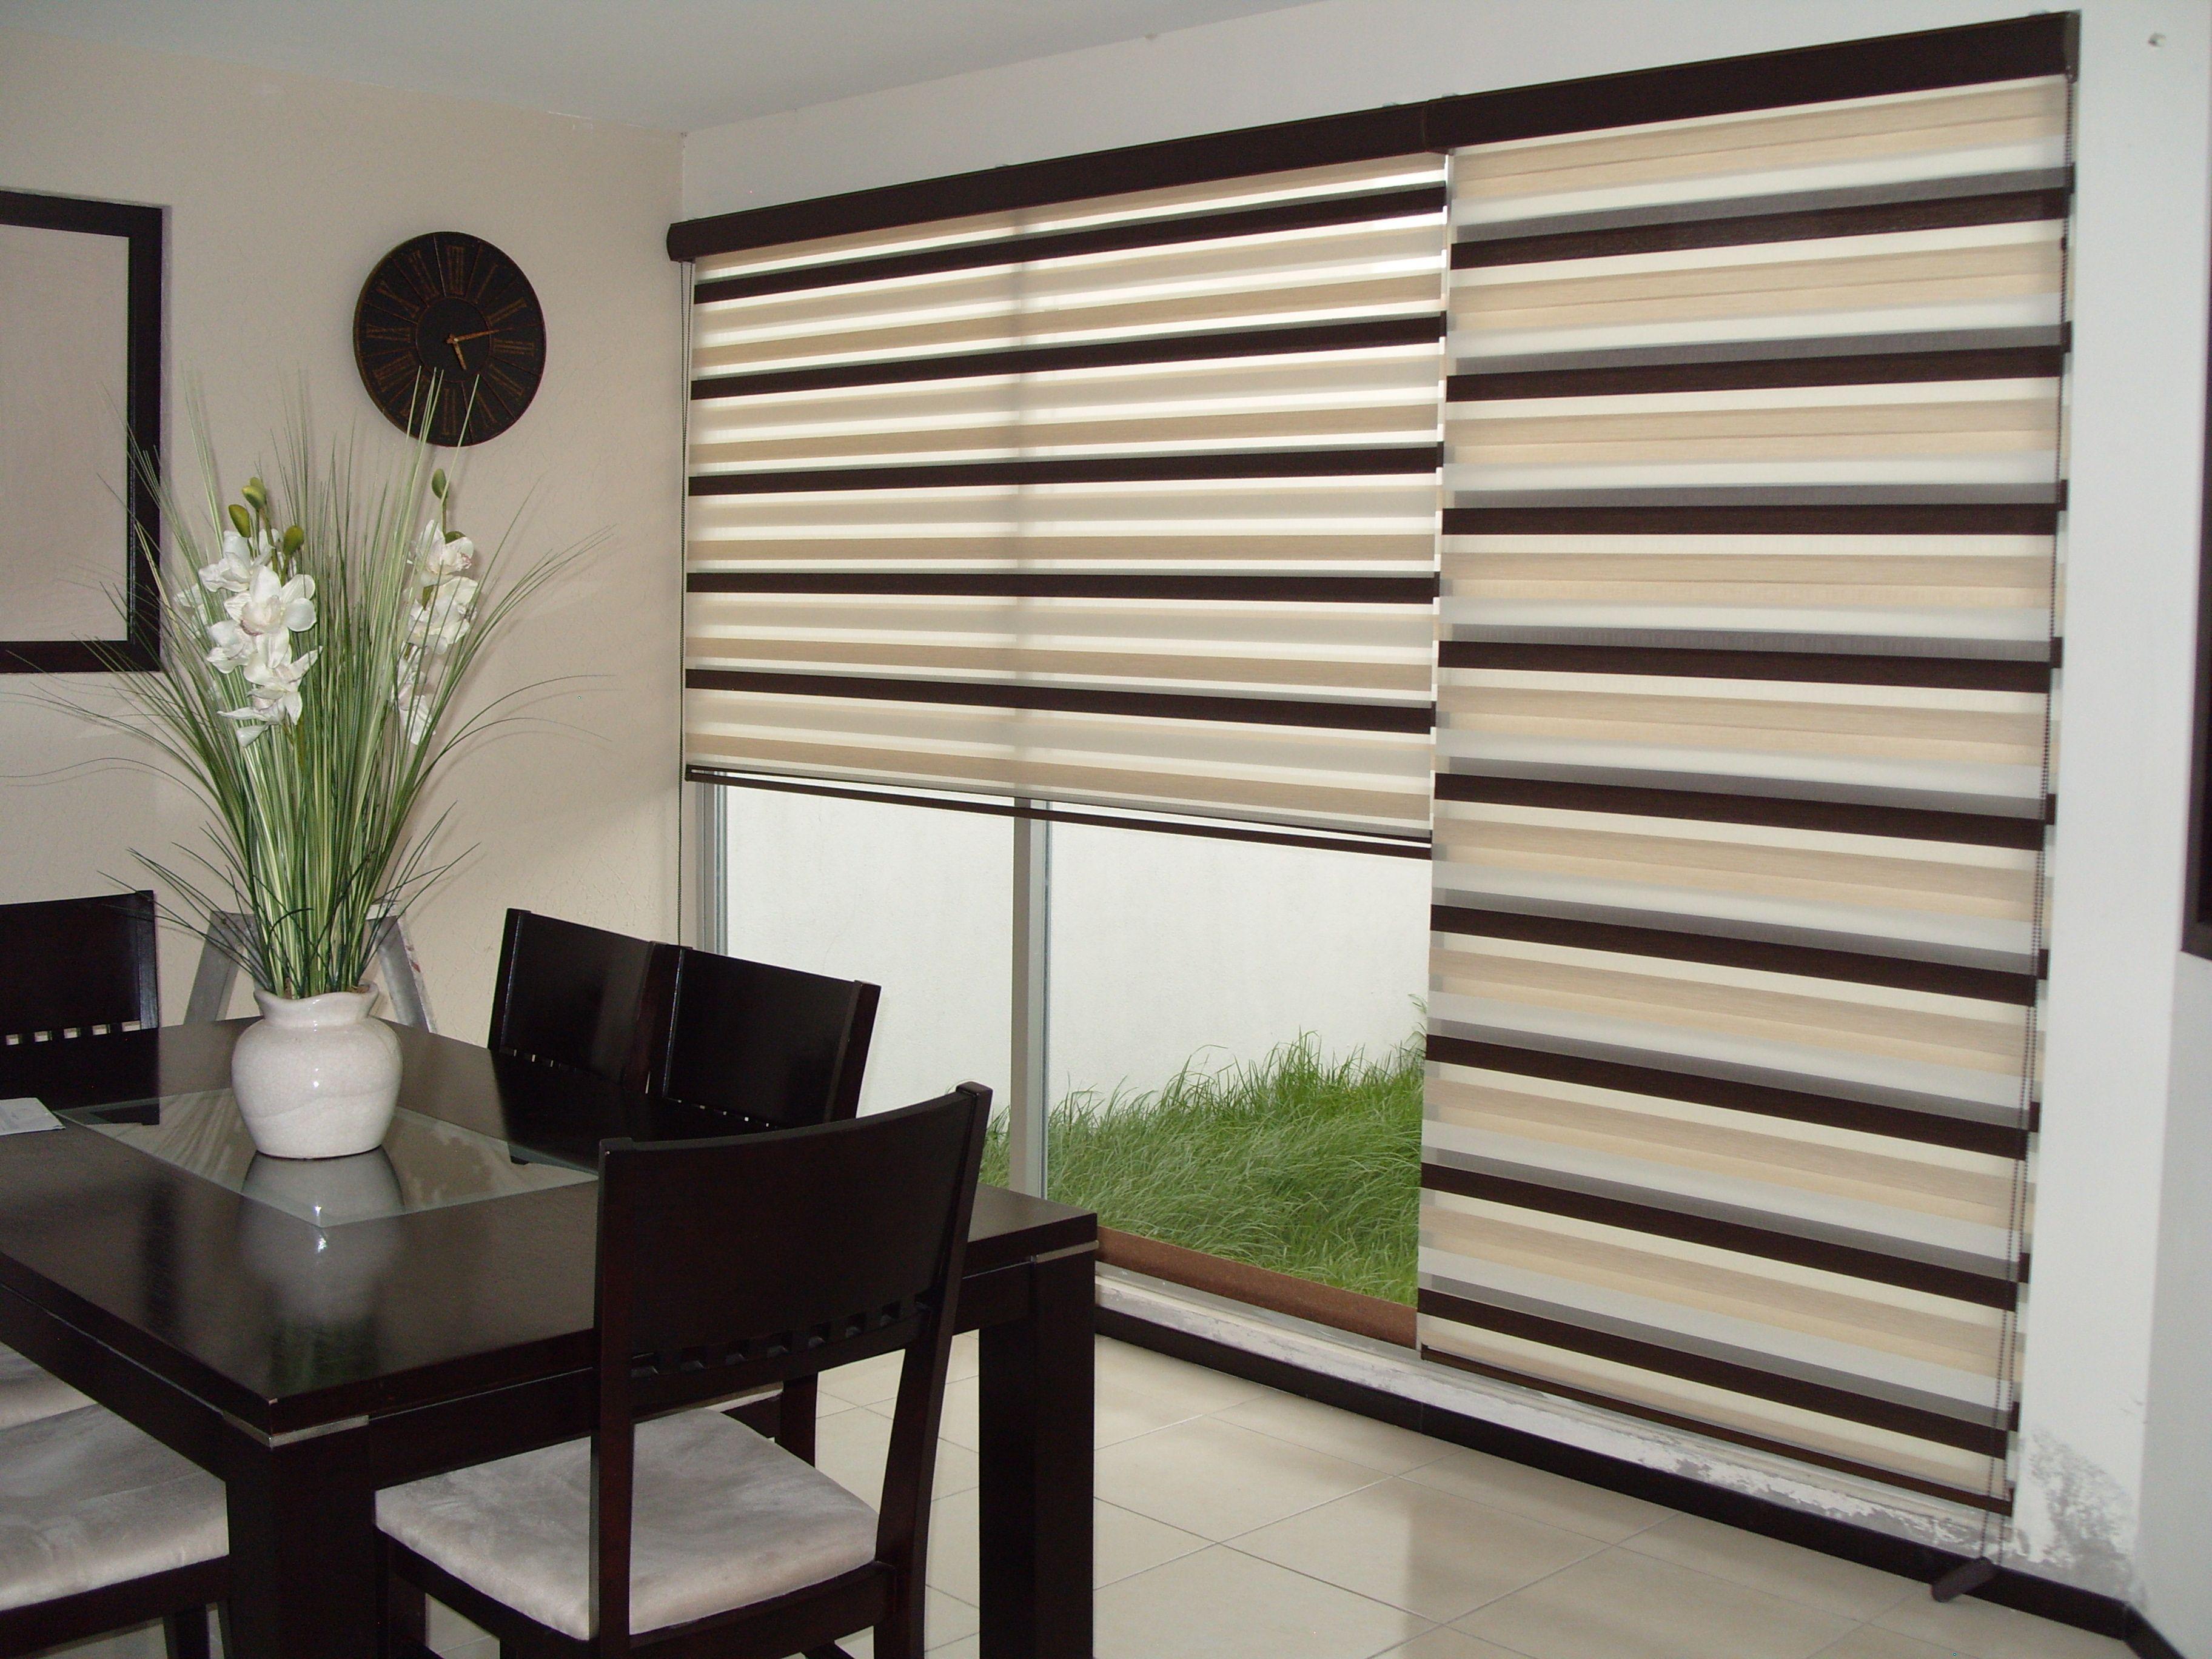 Decora con nuestras persianas dia y noche cortinas y for Ventanas con persianas incorporadas